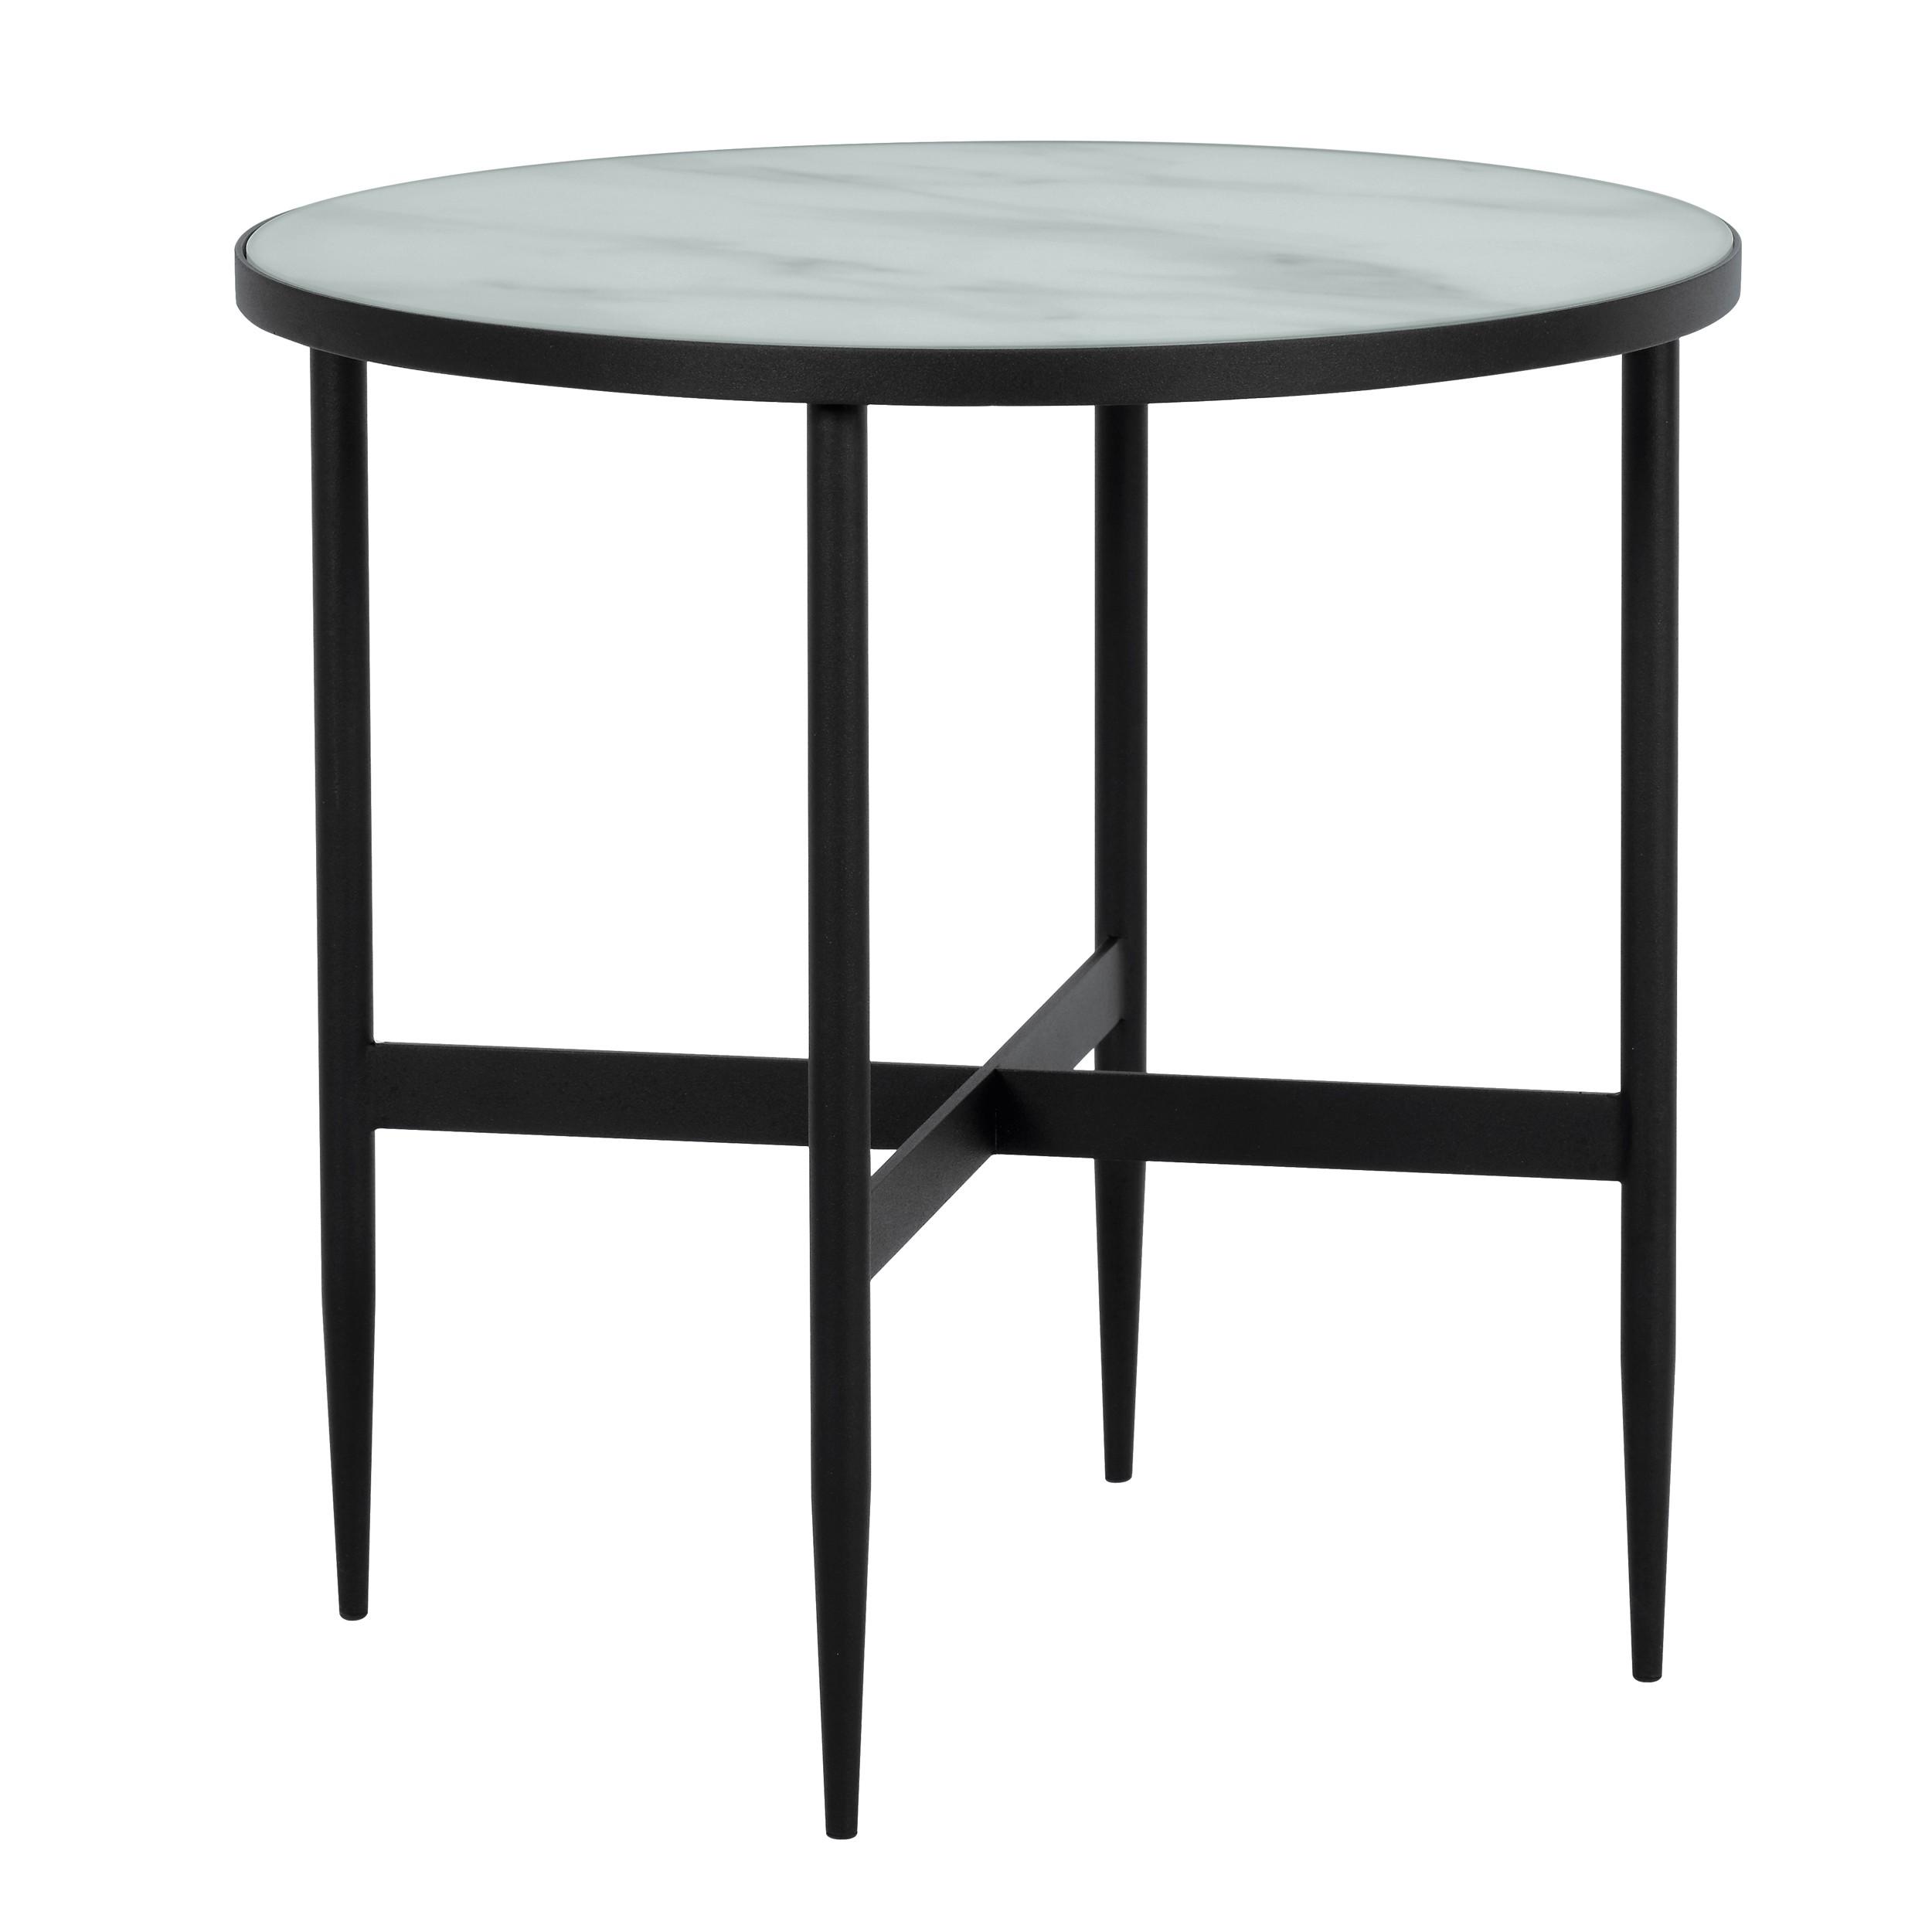 acheter table basse noire ronde 50 cm